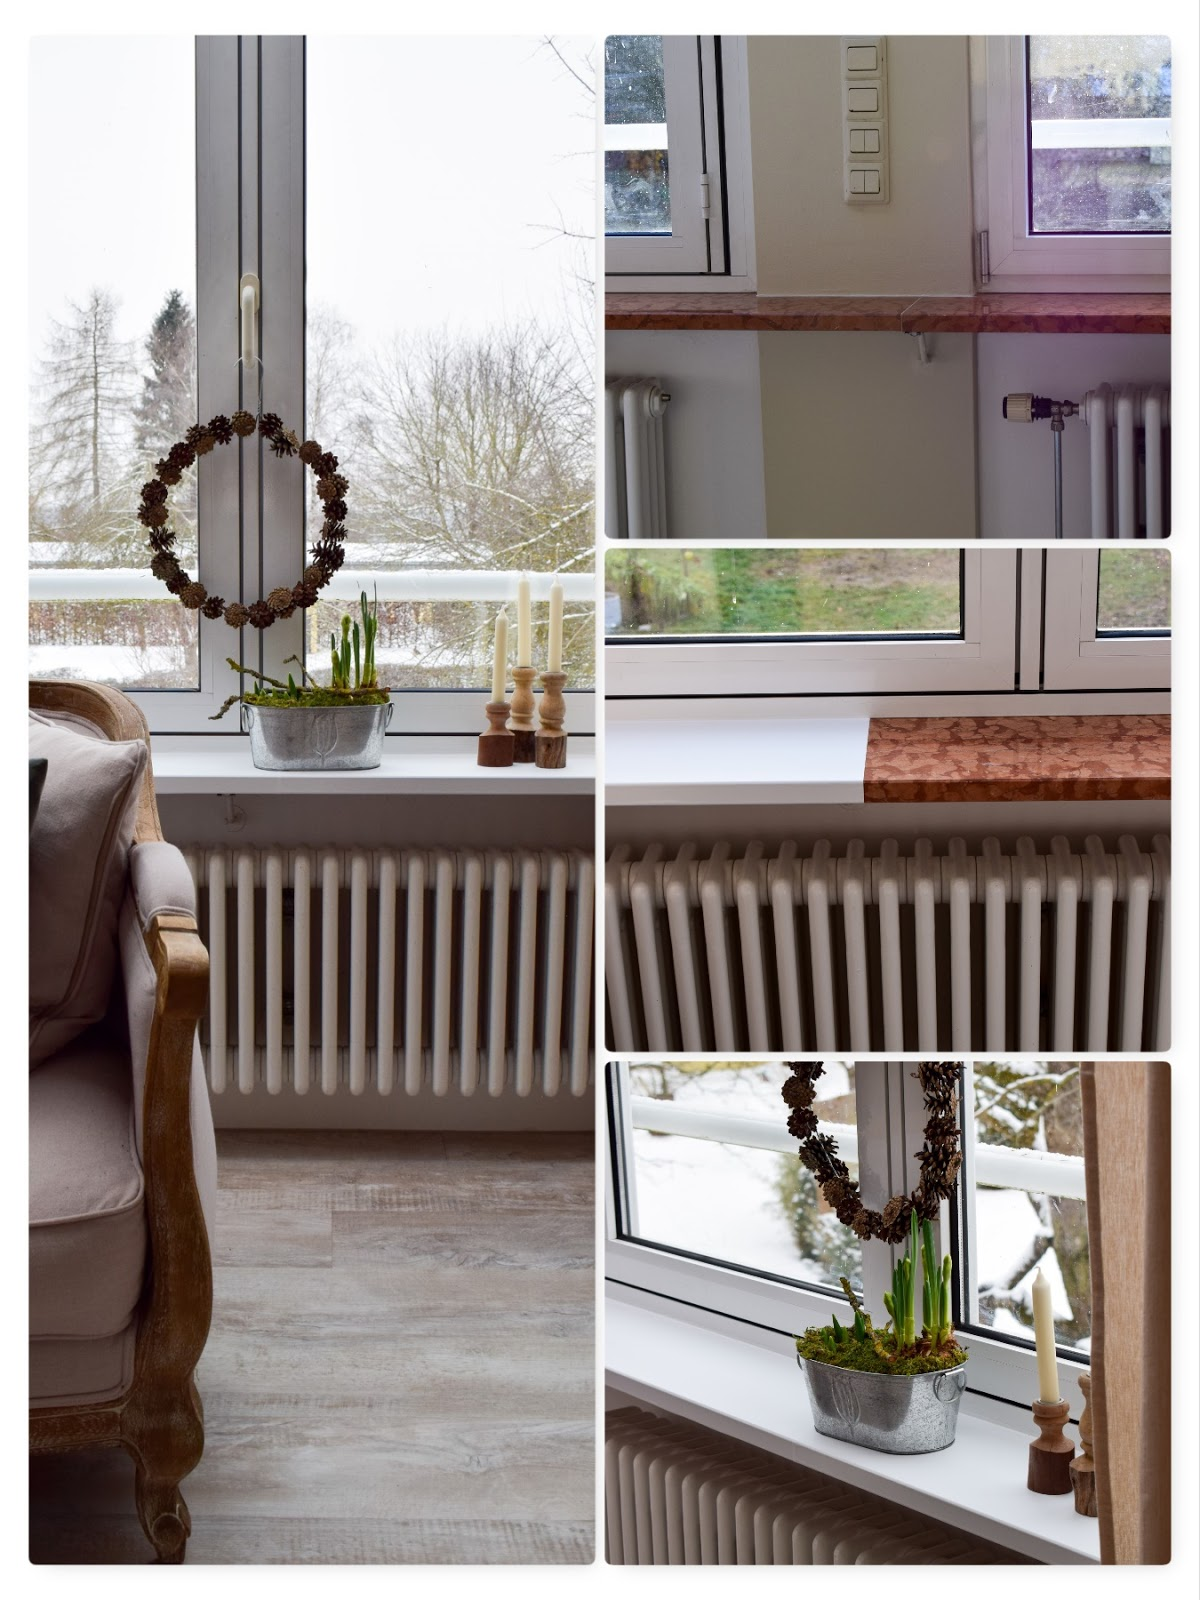 Vorher Nachher Renovierung von Fenstersims mit selbstklebender Folie. Einfach selbermachen renovieren Marmor Folie Klebefolie. Aus Alt mach NEU